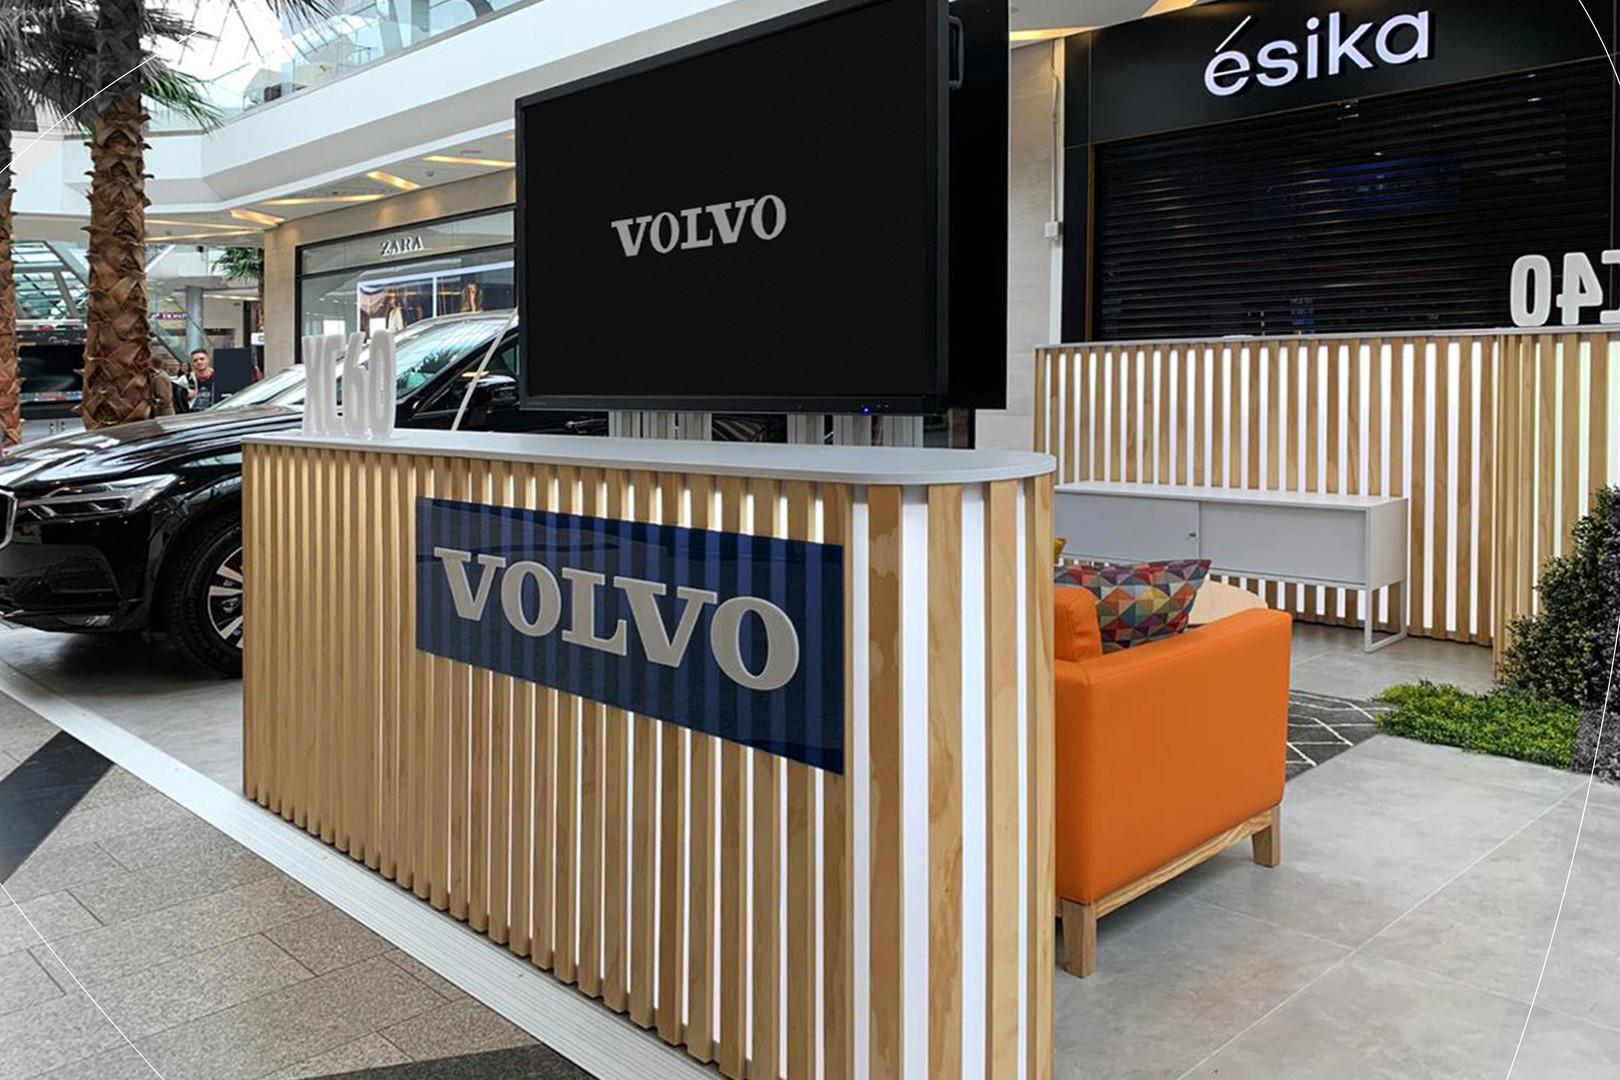 Volvo b3c14fc9-e356-4bda-93e8-2519294e9b